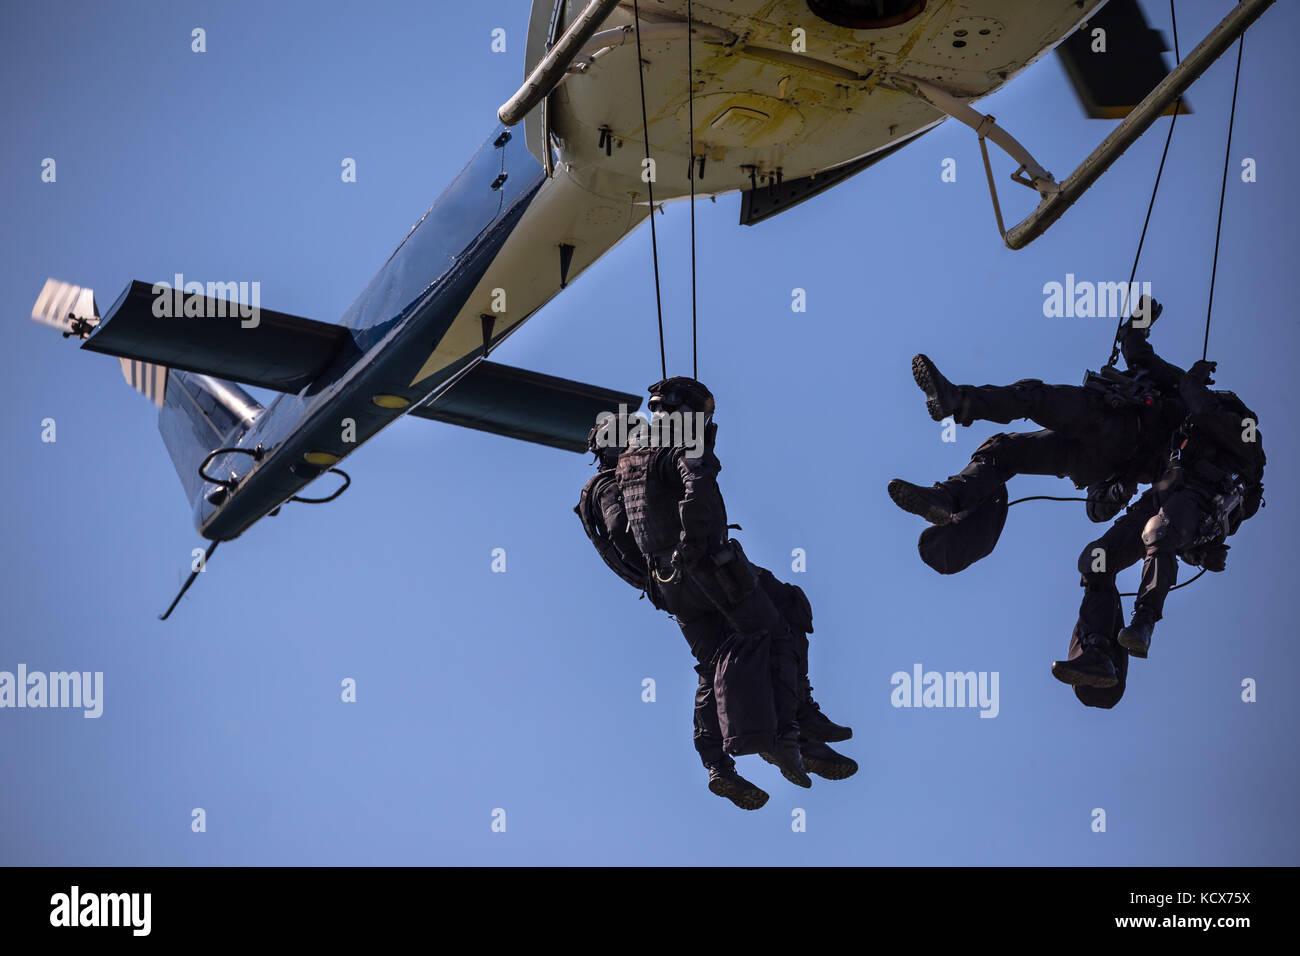 Equipo de fuerzas especiales helicóptero saltar la cuerda, marcado y SWAT TEAM irreconocible Imagen De Stock